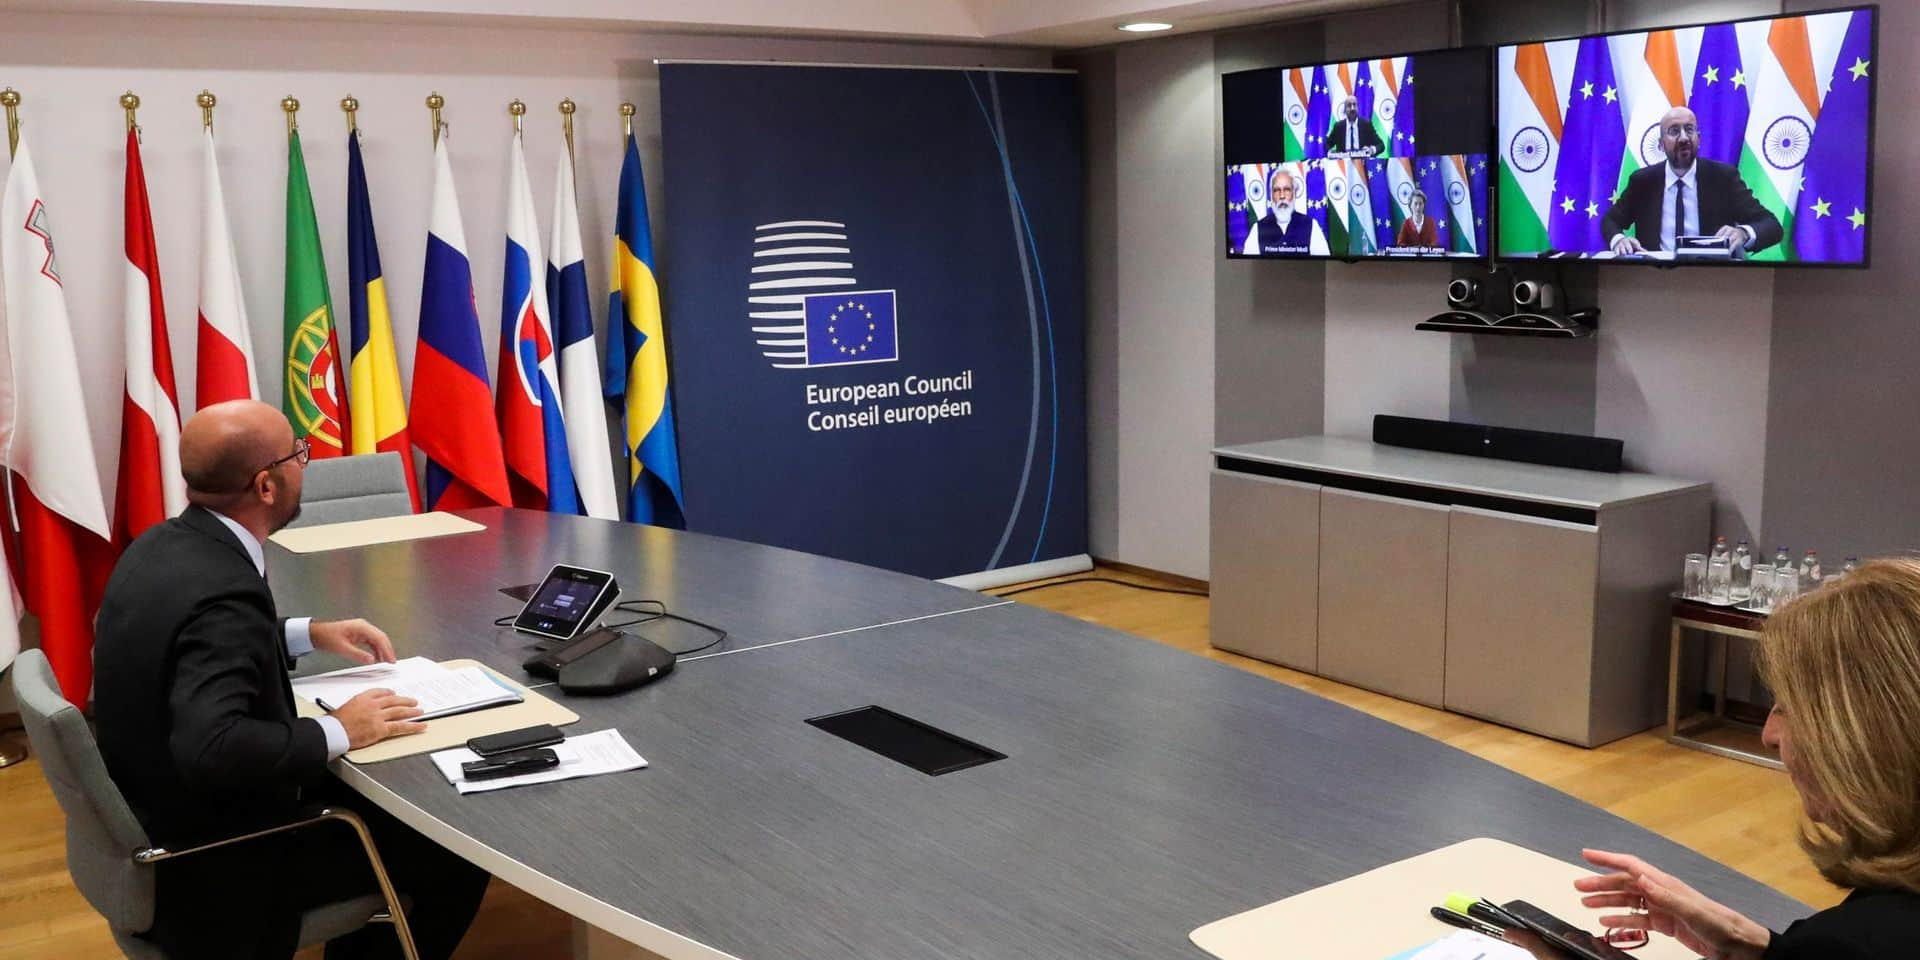 Sommet de l'UE: Charles Michel appelle à un accord sur le plan de relance